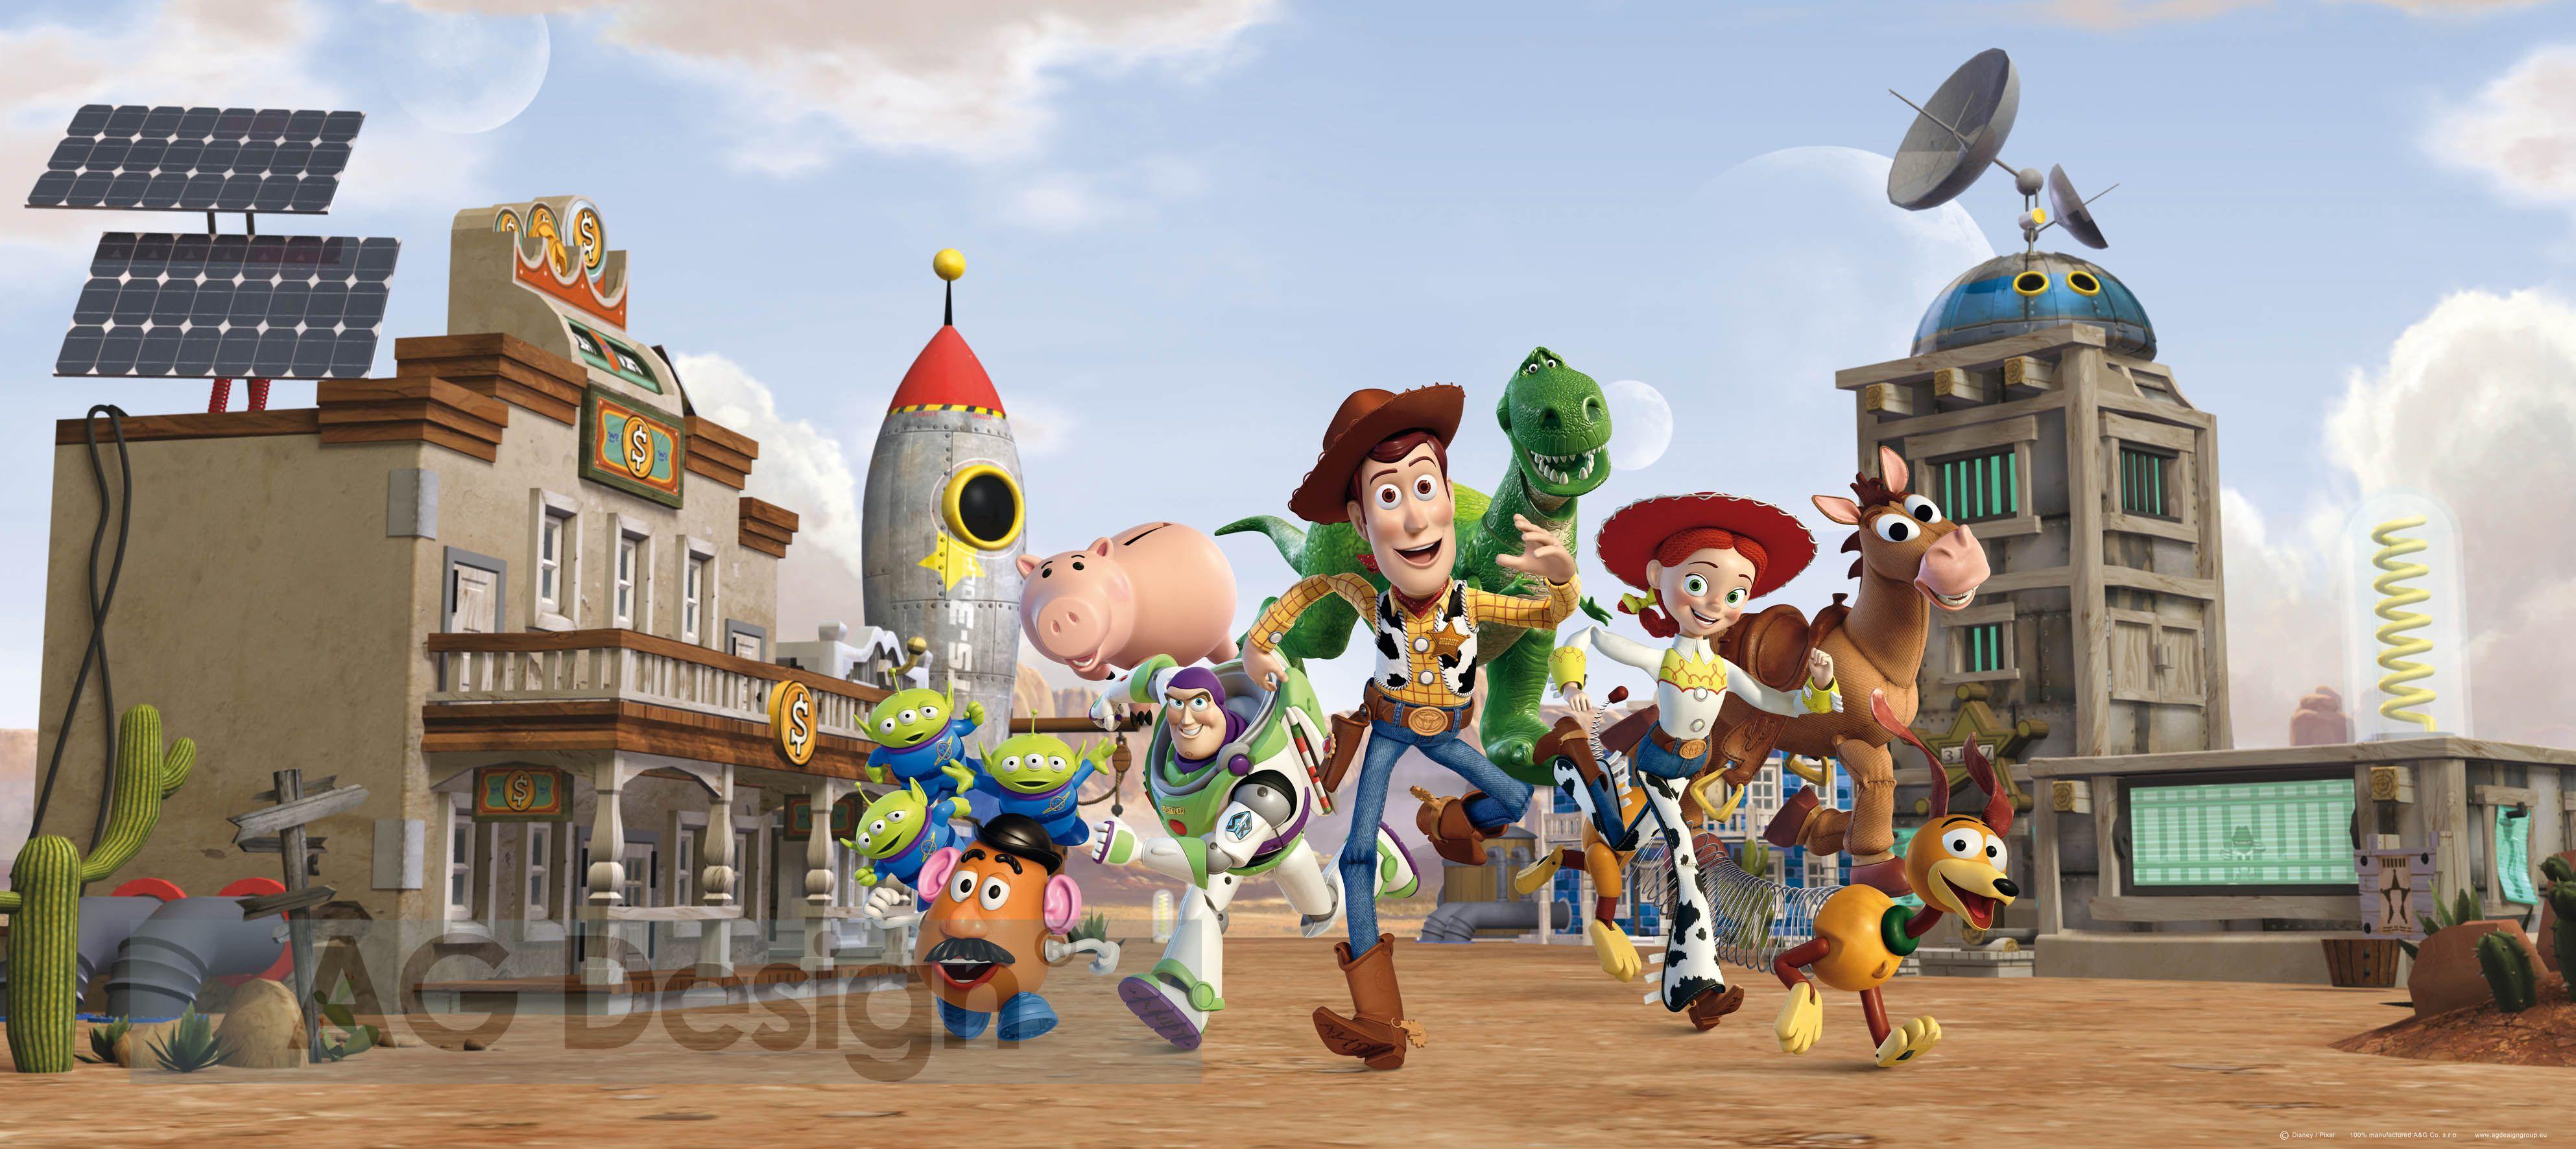 Dětská fototapeta Toy Story FTDH0626 (1-dílná papírová tapeta)